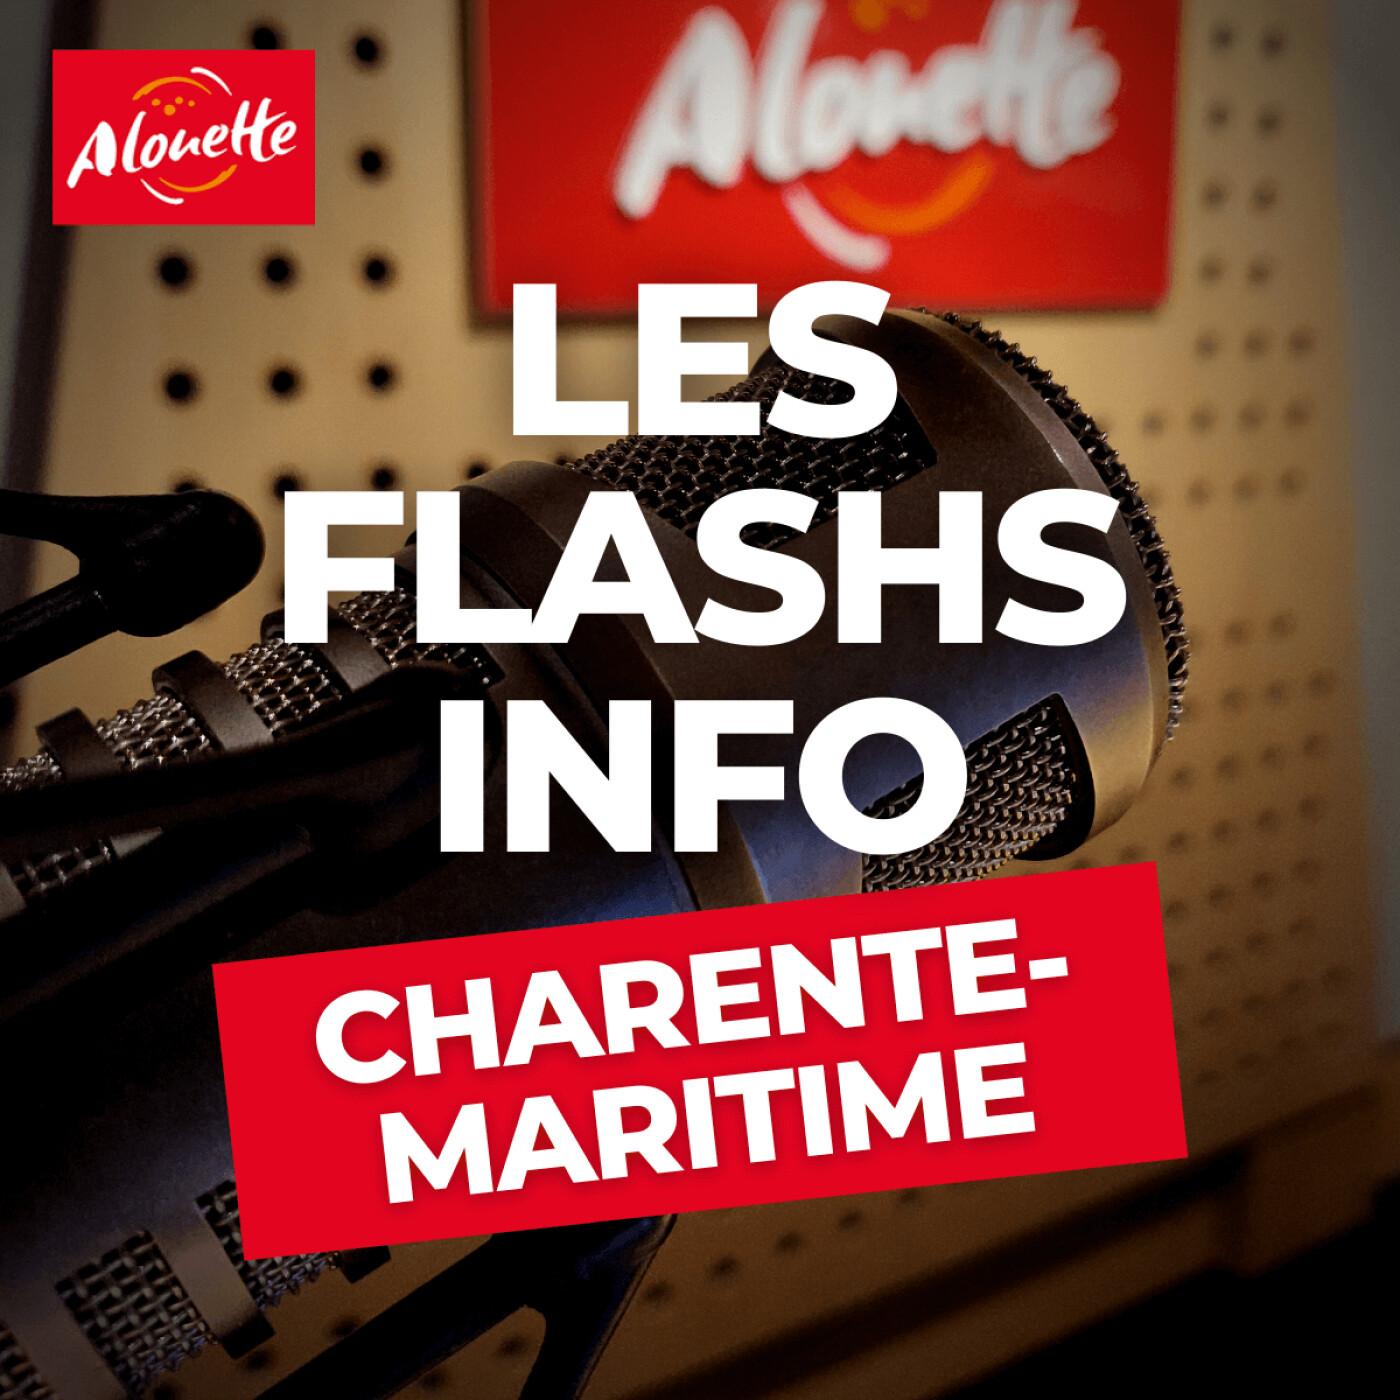 Alouette - Les Infos du 30 Septembre 08h00 en Charente-Maritime.